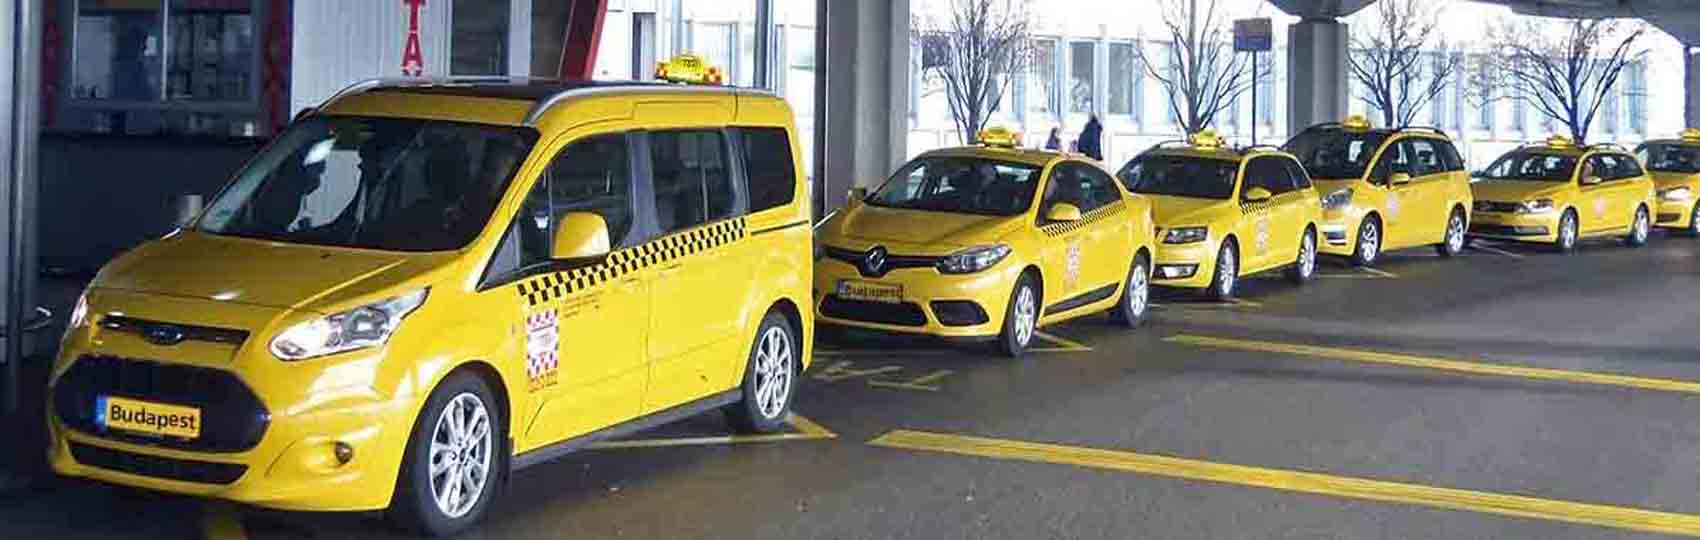 Noticias del sector del taxi y la movilidad en Huesca. Mantente informado de todas las noticias del taxi de Huesca en el grupo de Facebook de Todo Taxi.